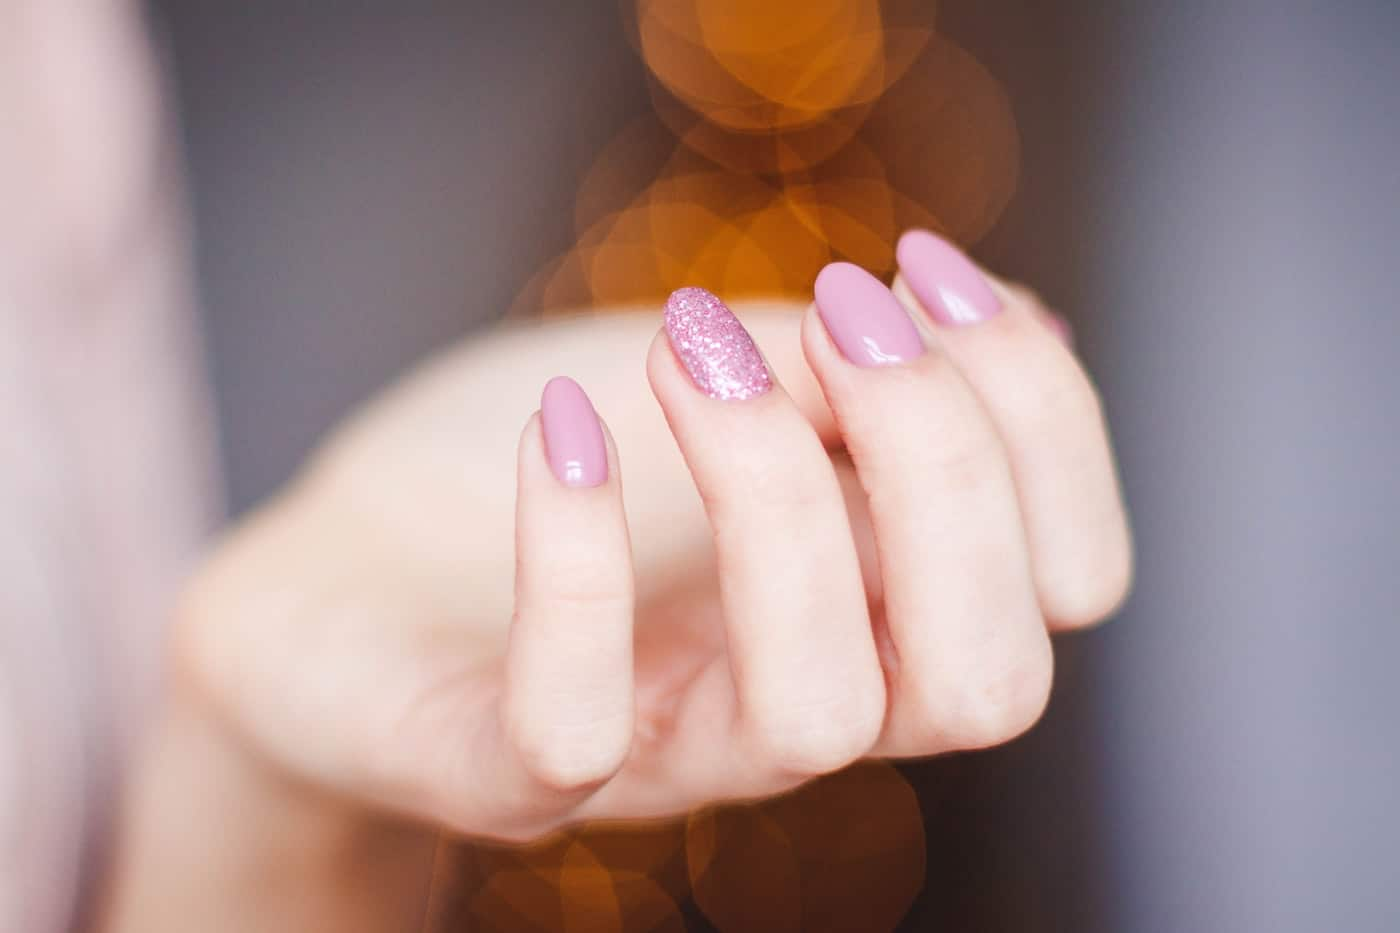 Vitamine für die Nägel: So wachsen sie gesund und schön!